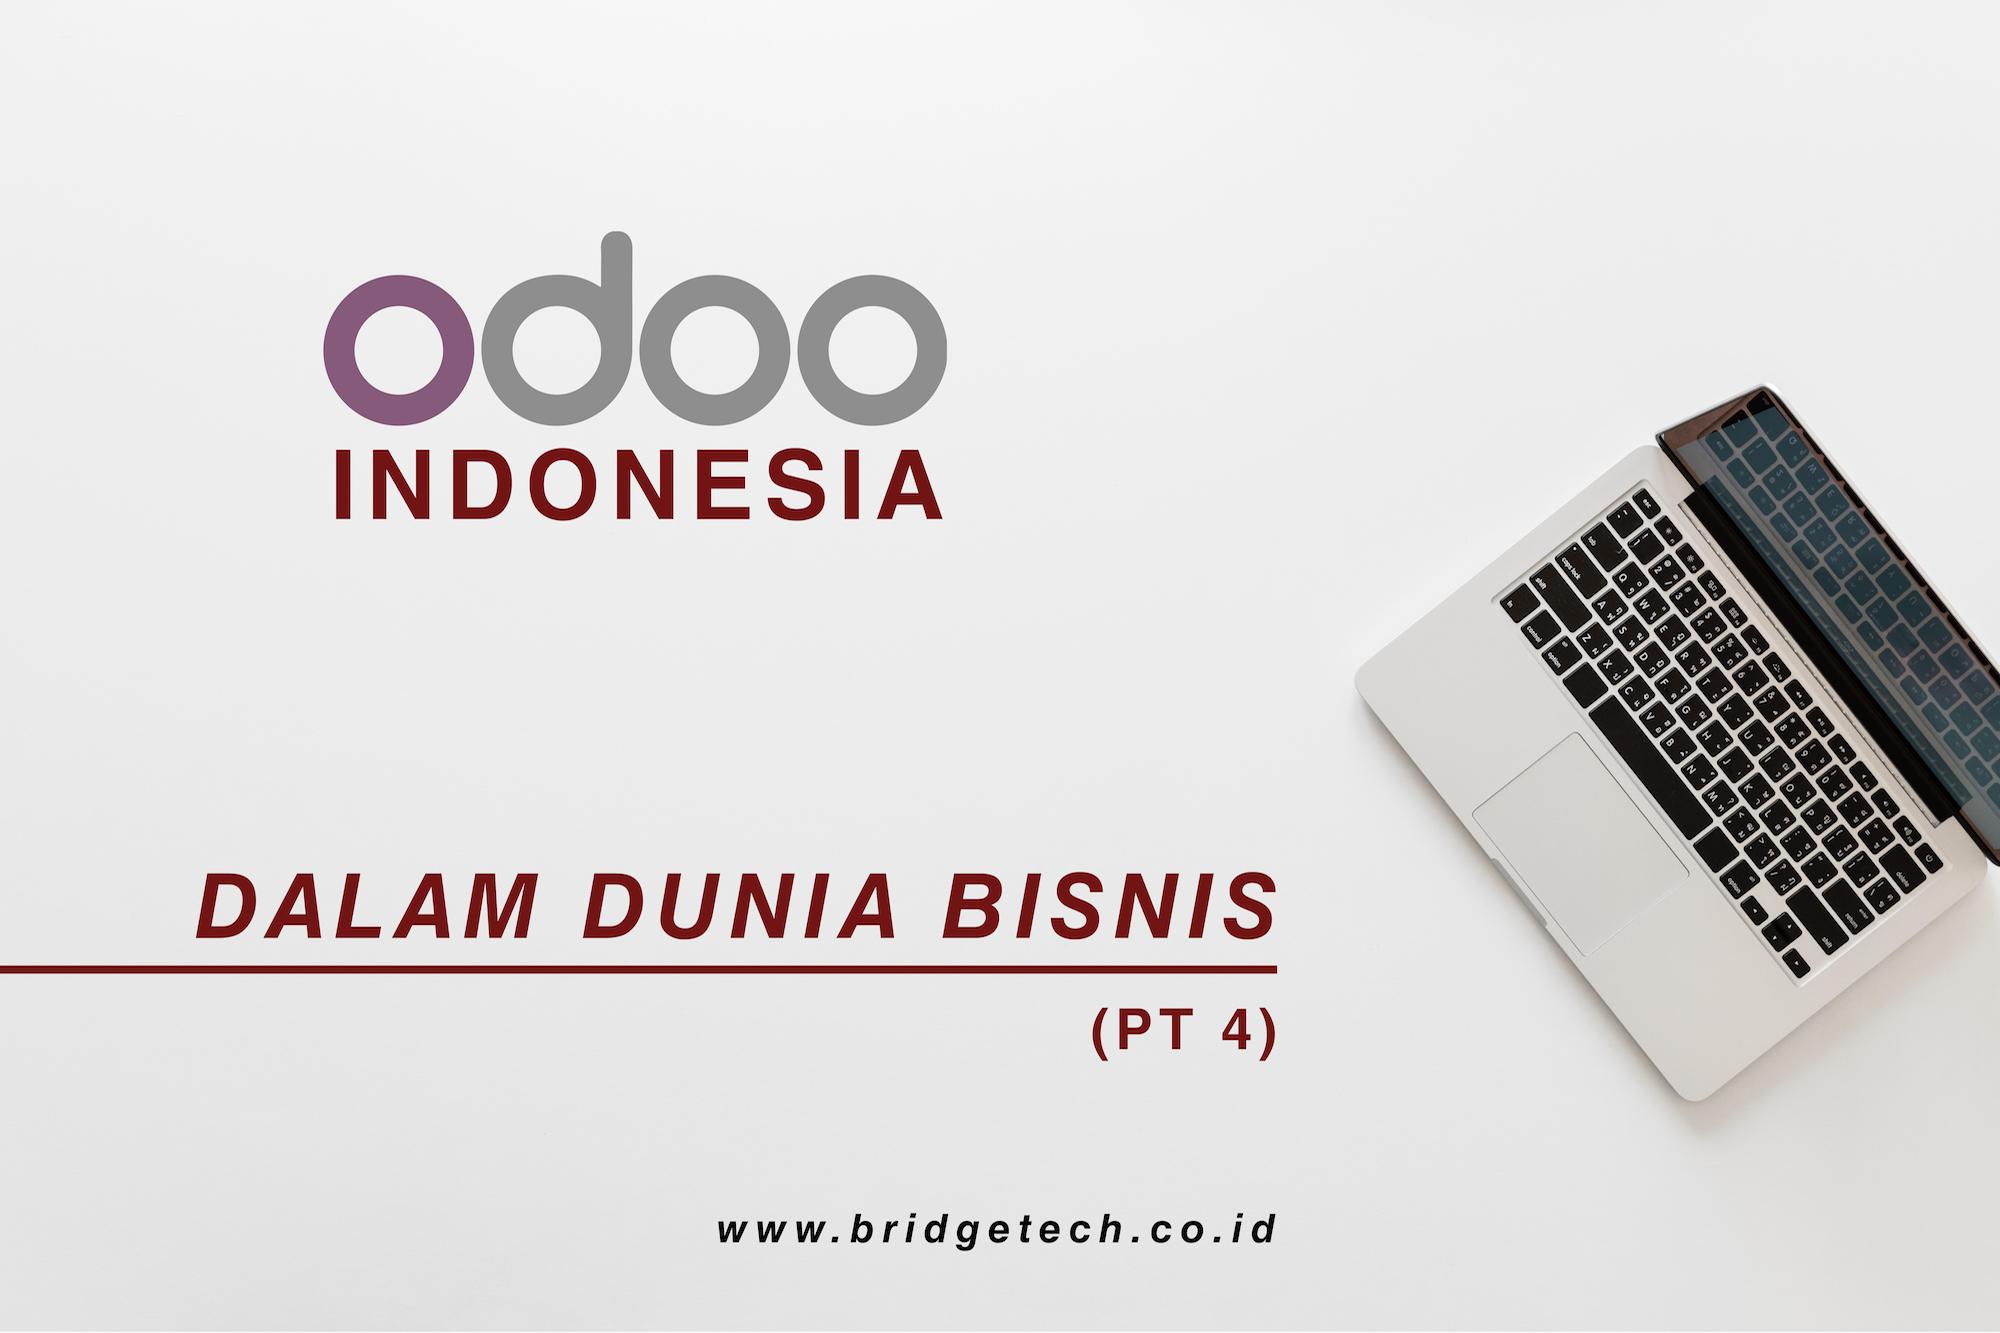 Odoo Indonesia dalam dunia bisnis (Pt.4)